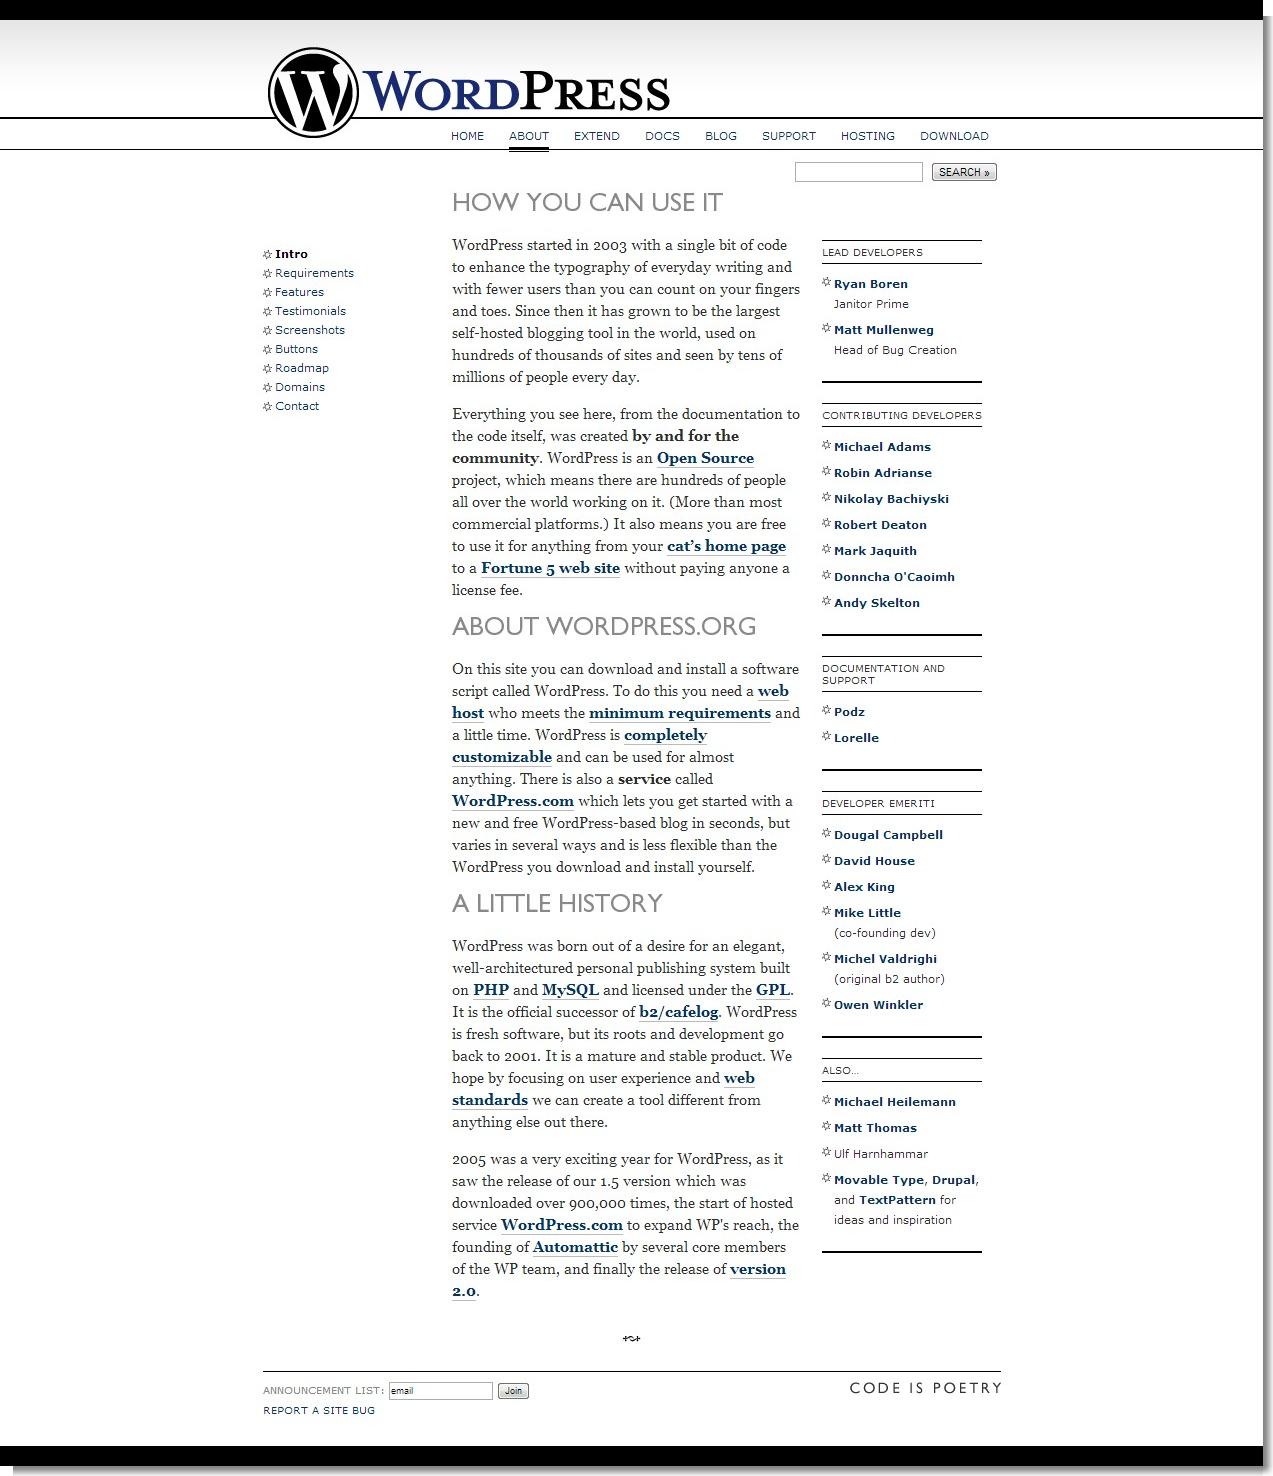 May 16, 2007 - WordPress - About